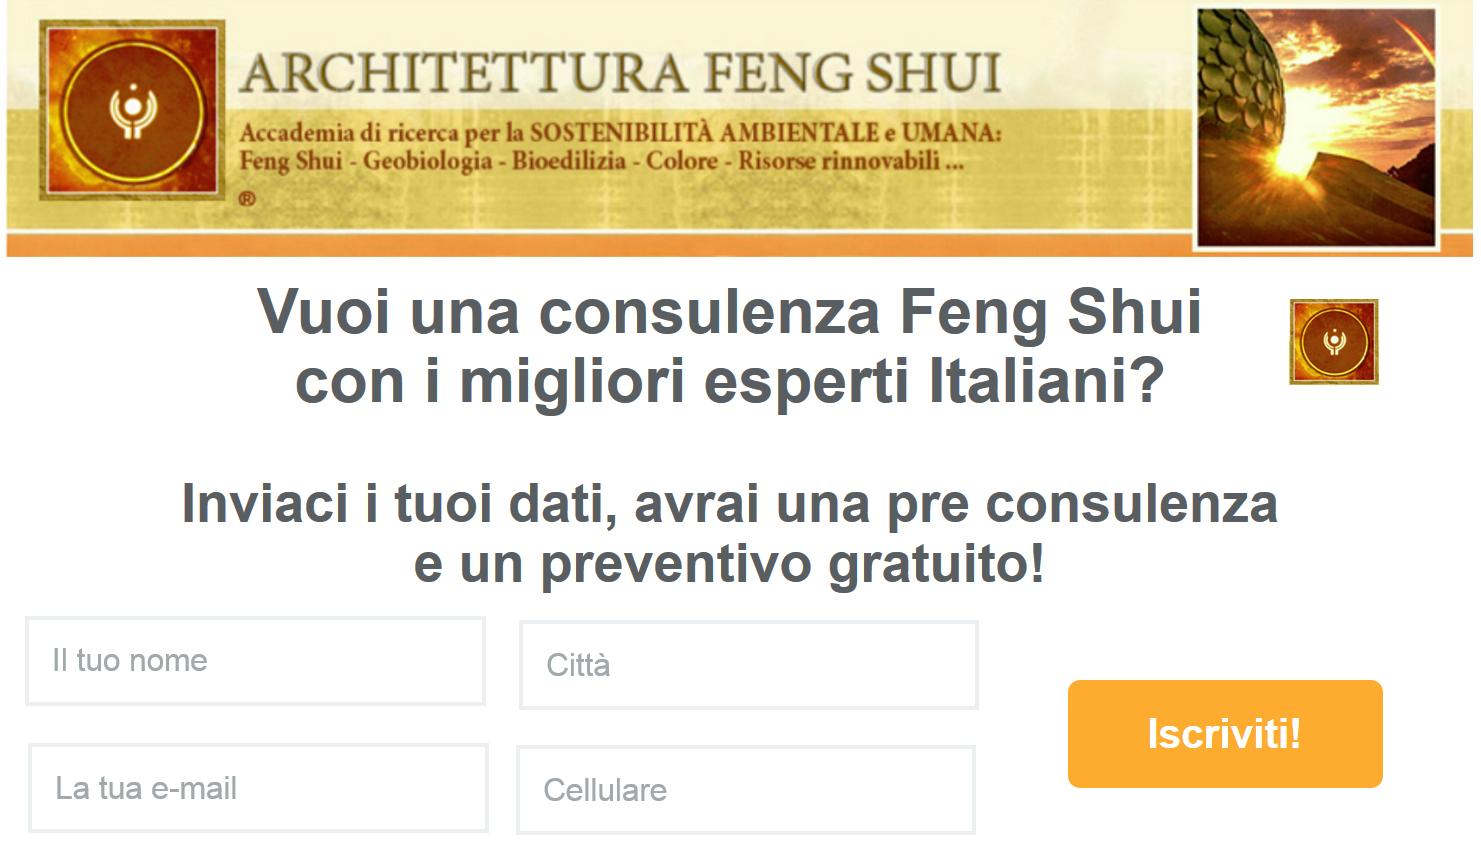 Consulenza feng shui